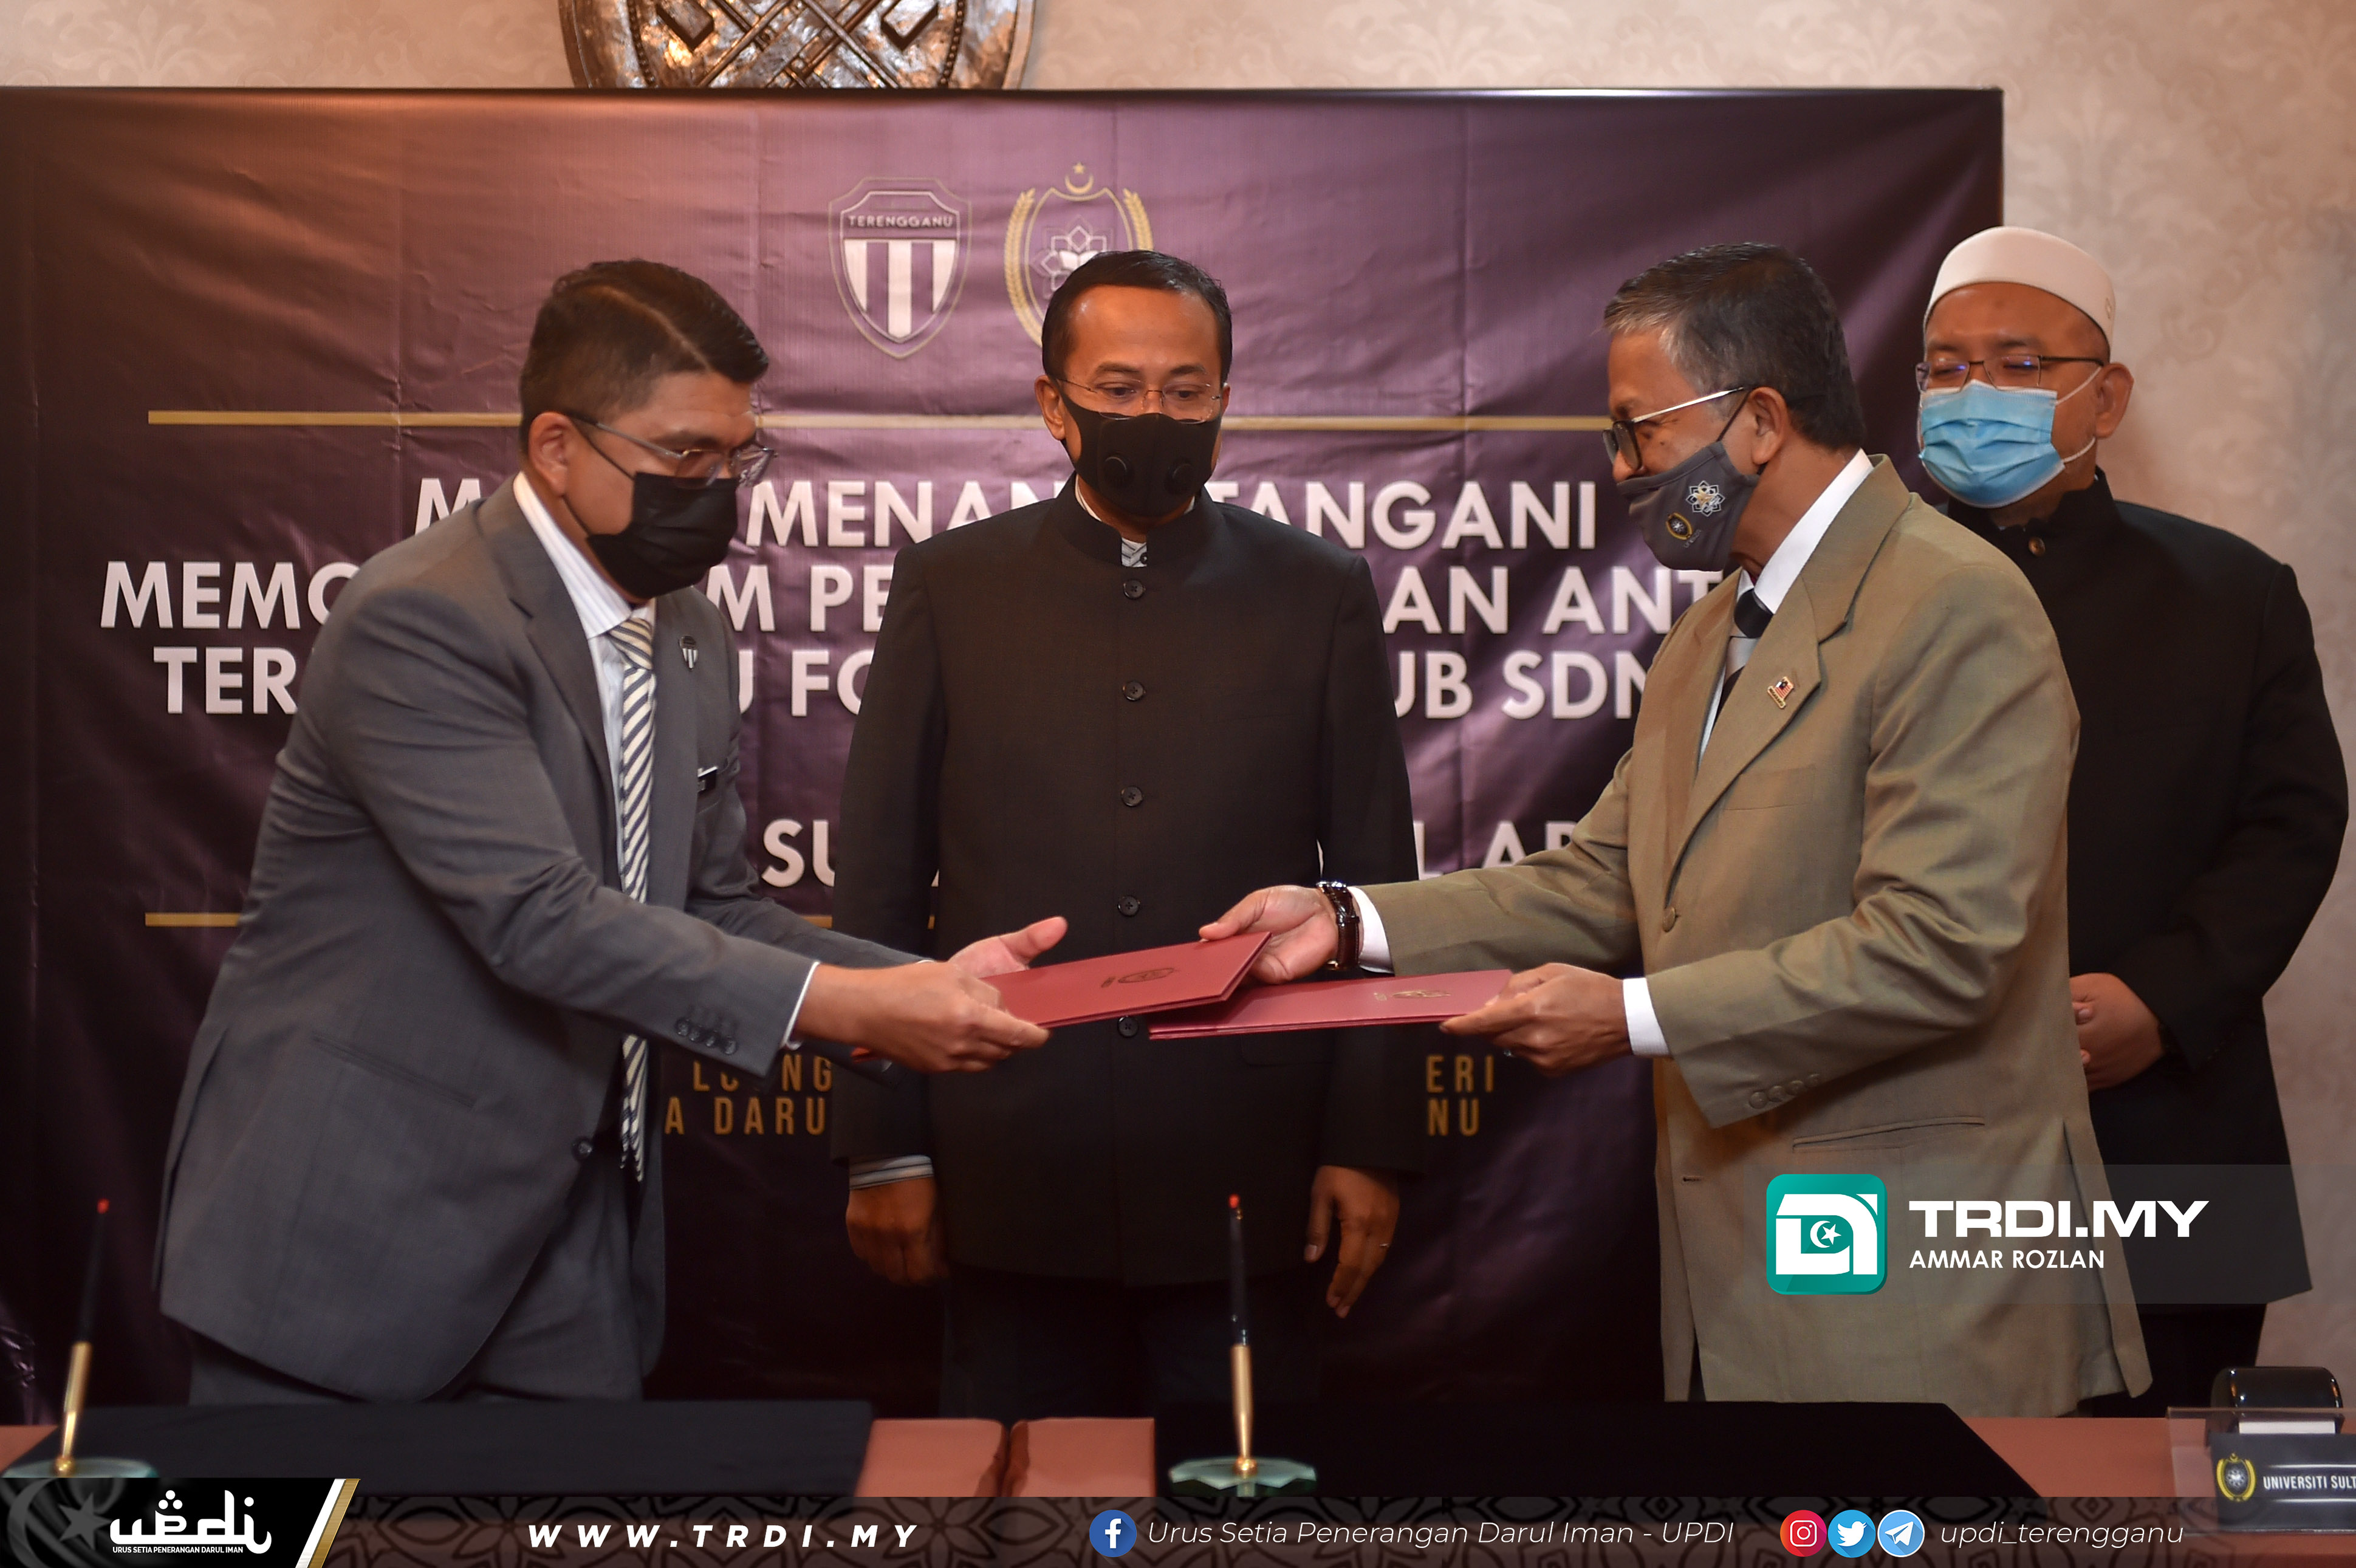 Majlis Menandatangani MOU Antara Terengganu Football Club Sdn Bhd Dan Universiti Sultan Zainal Abidin